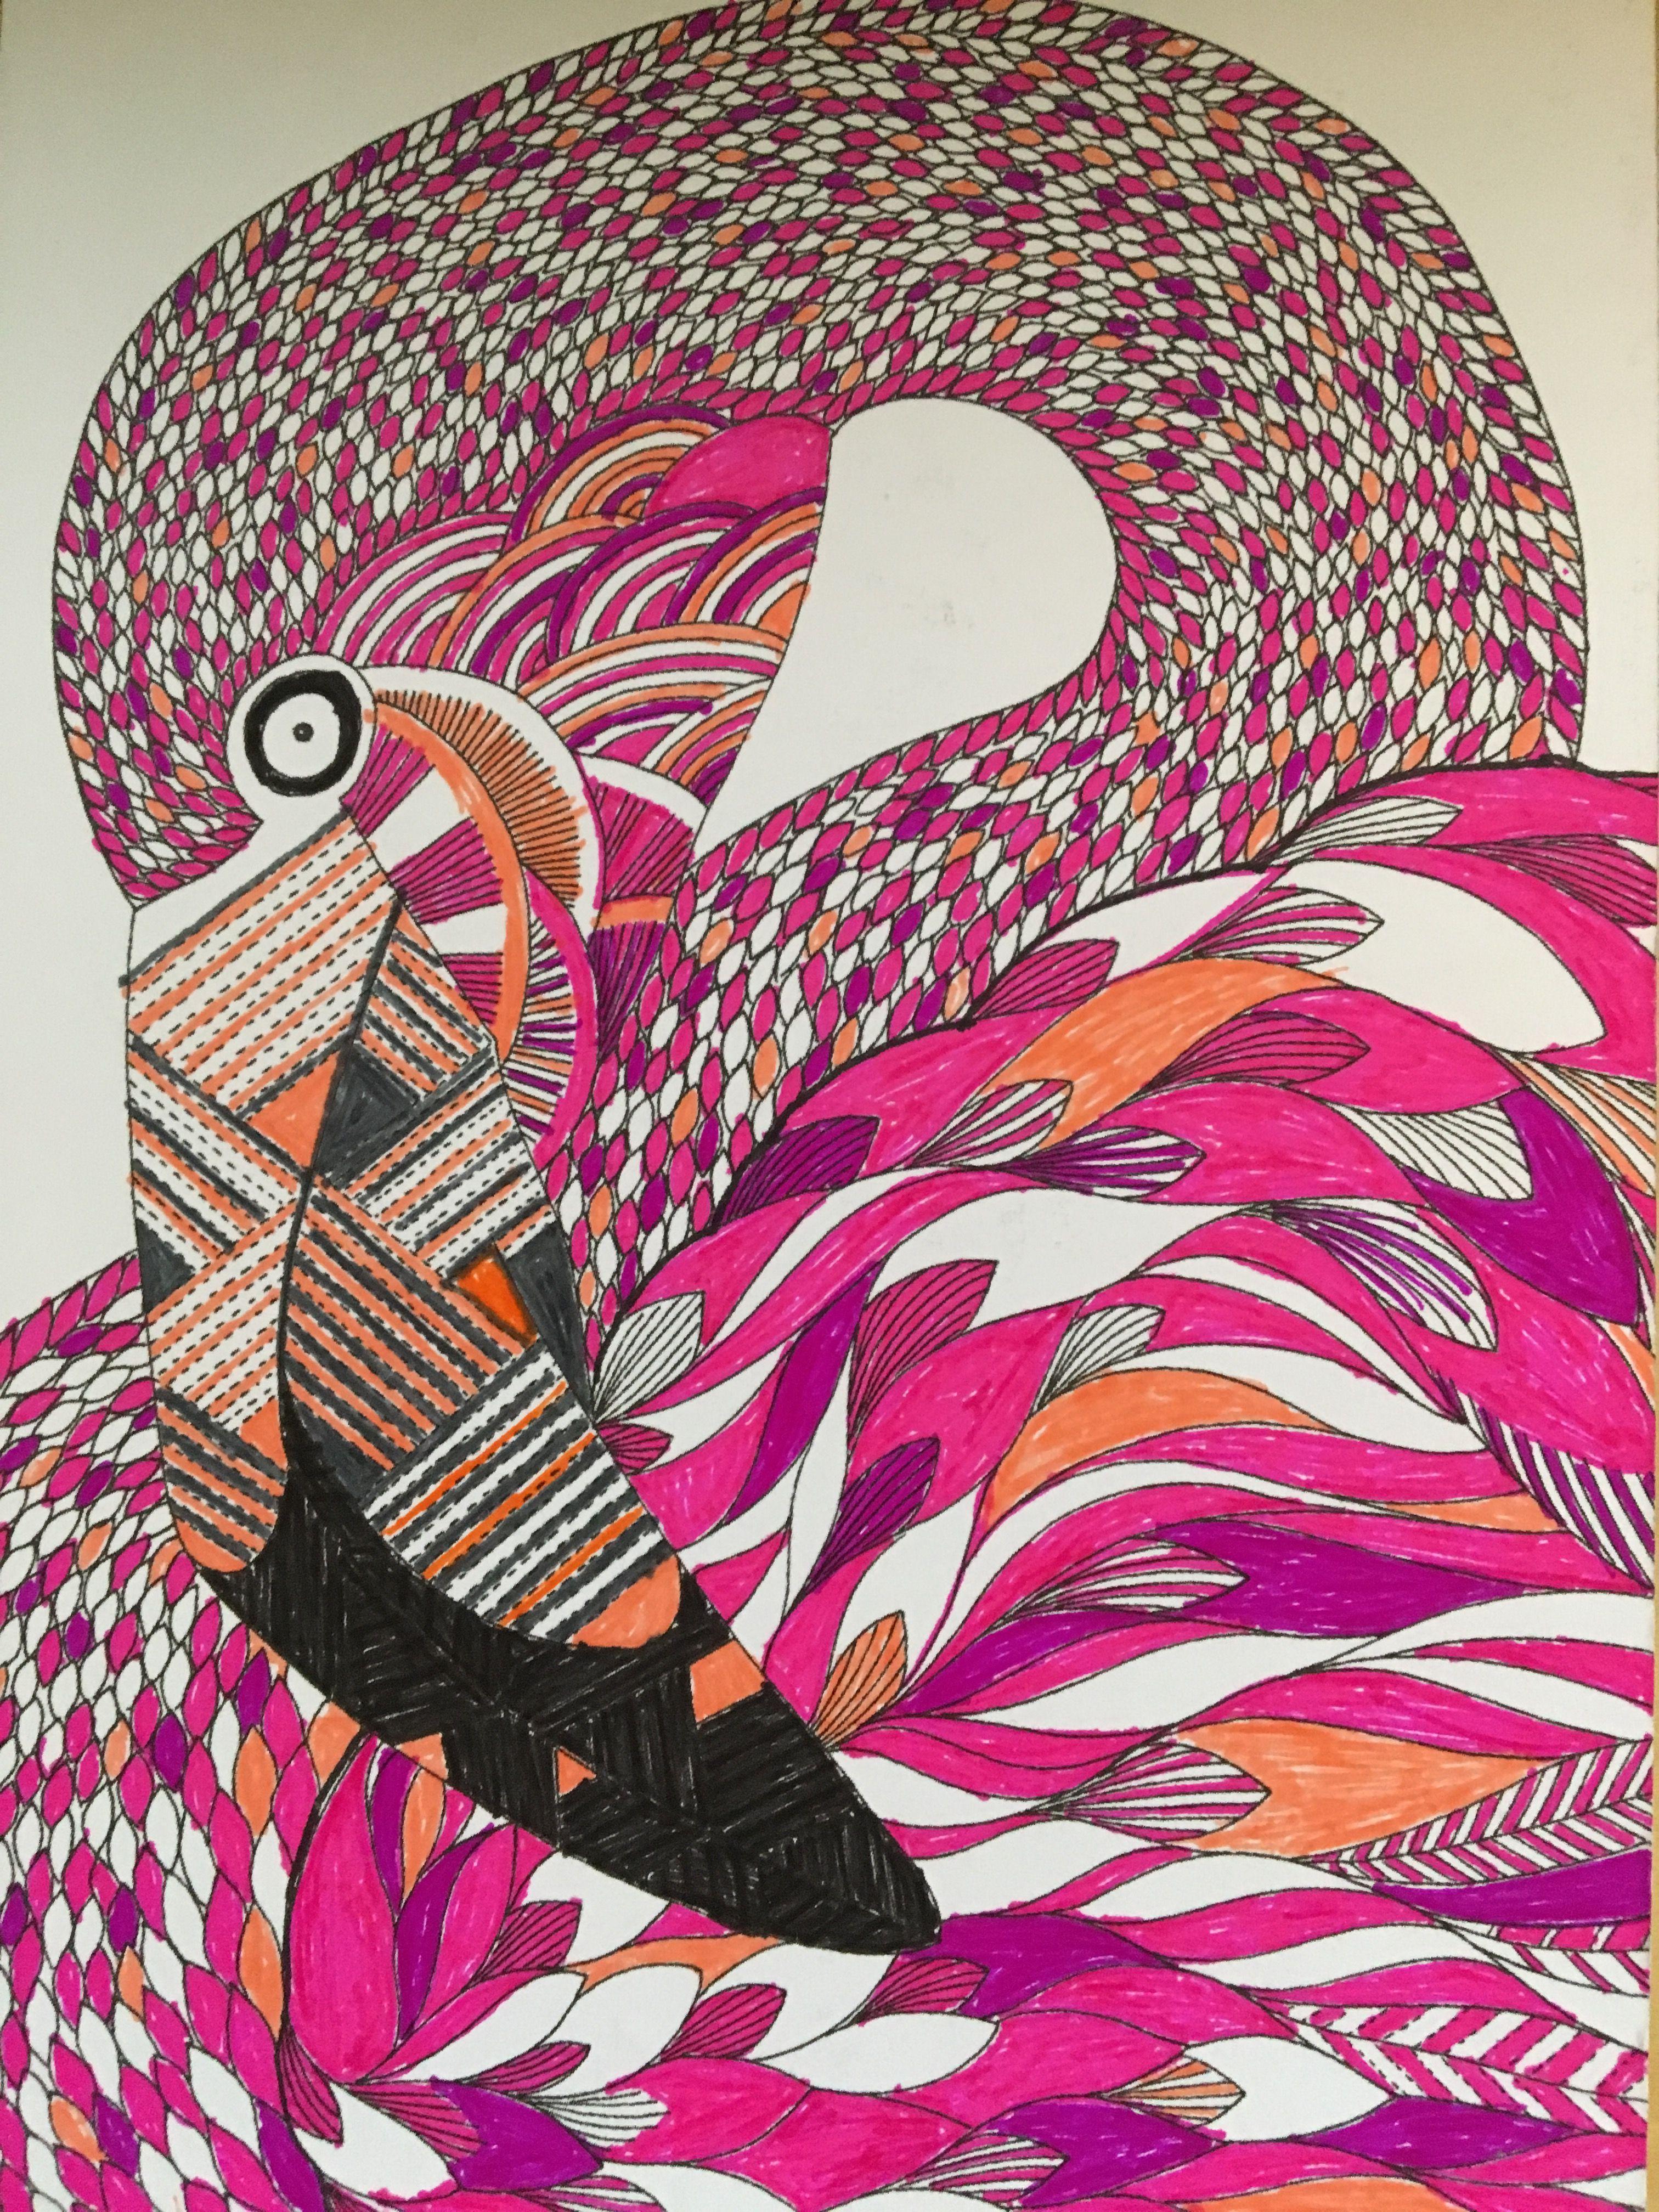 Millie Marotta Flamingo Postcard Millie Marotta Millie Marotta Animal Kingdom Marotta